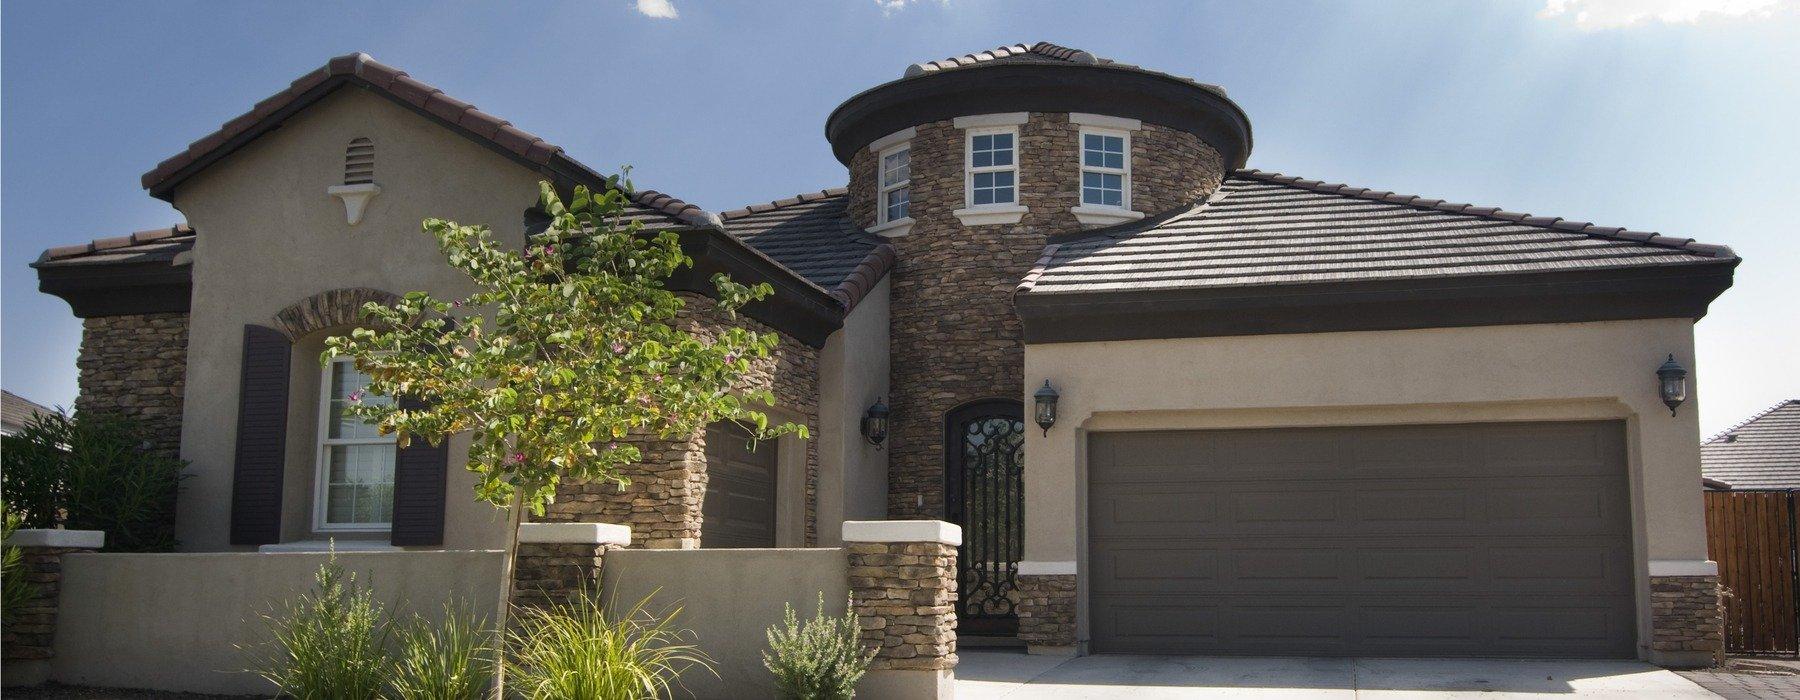 Arizona Replacement Doors